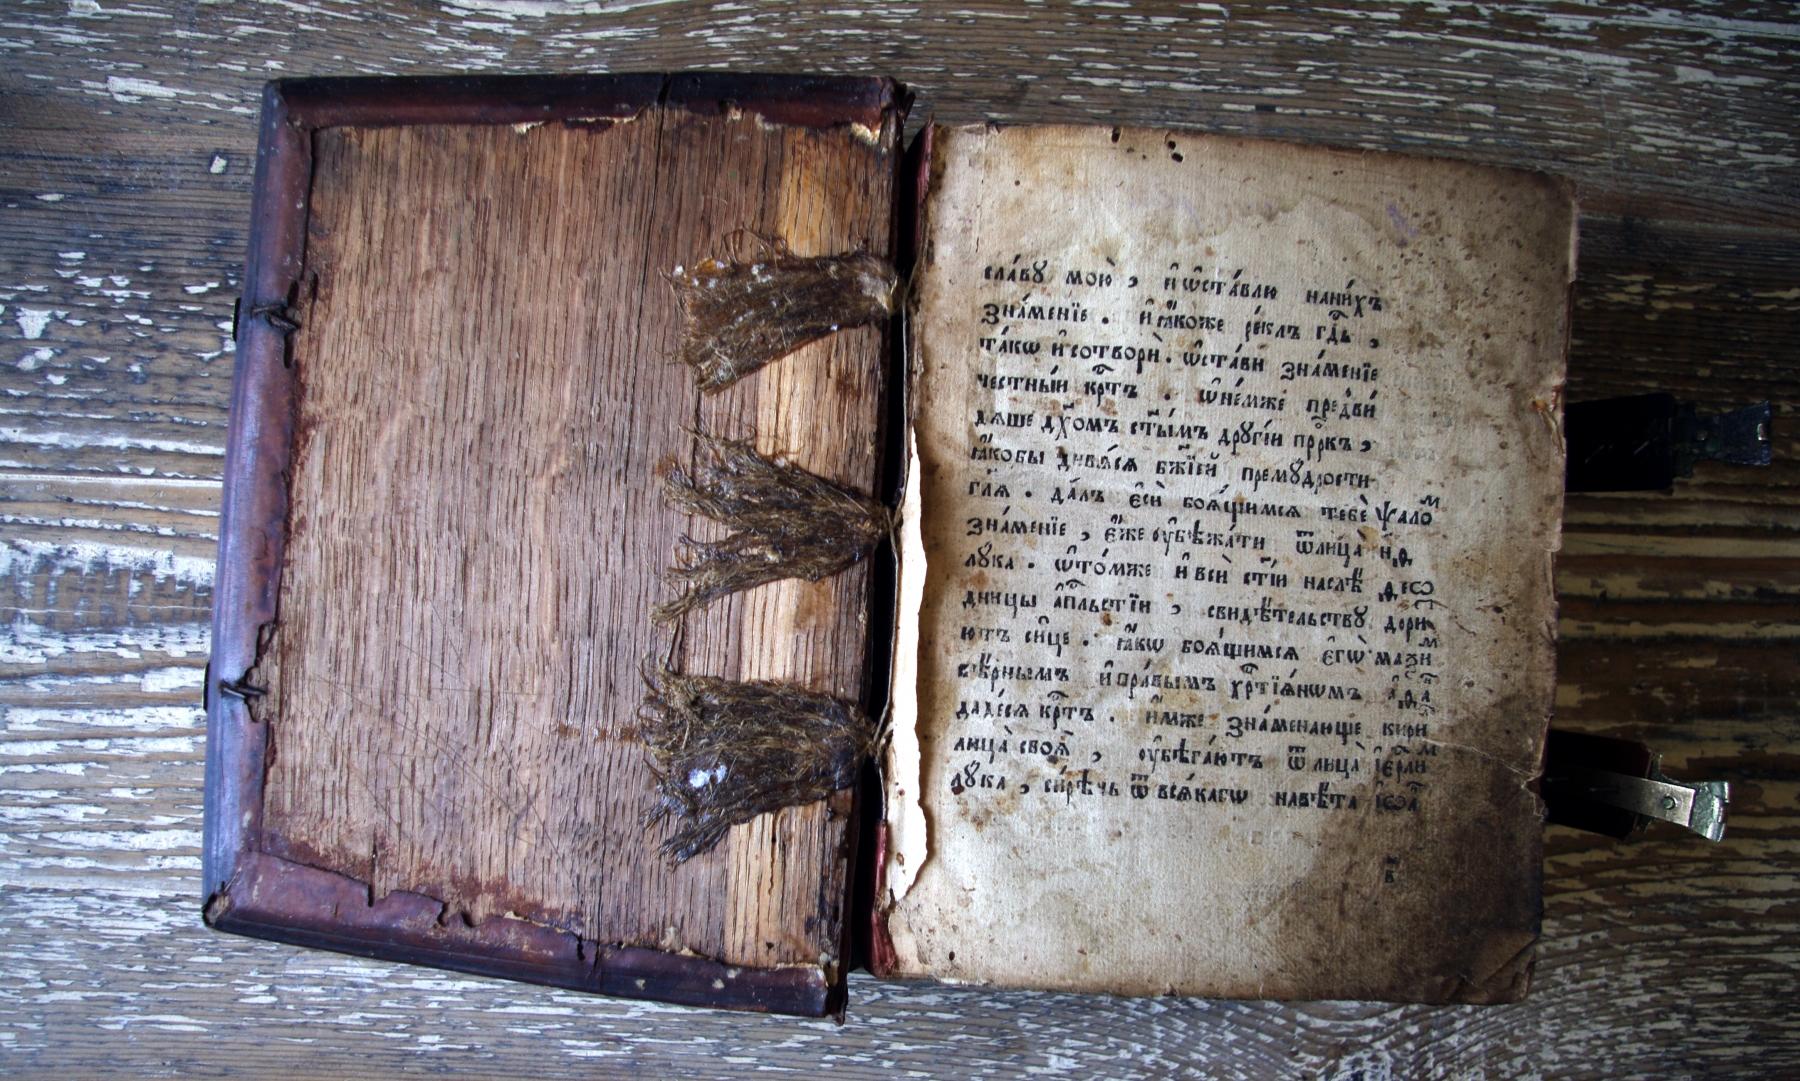 Псалтирь 19 века во время реставрации. Издание перед тонировками.